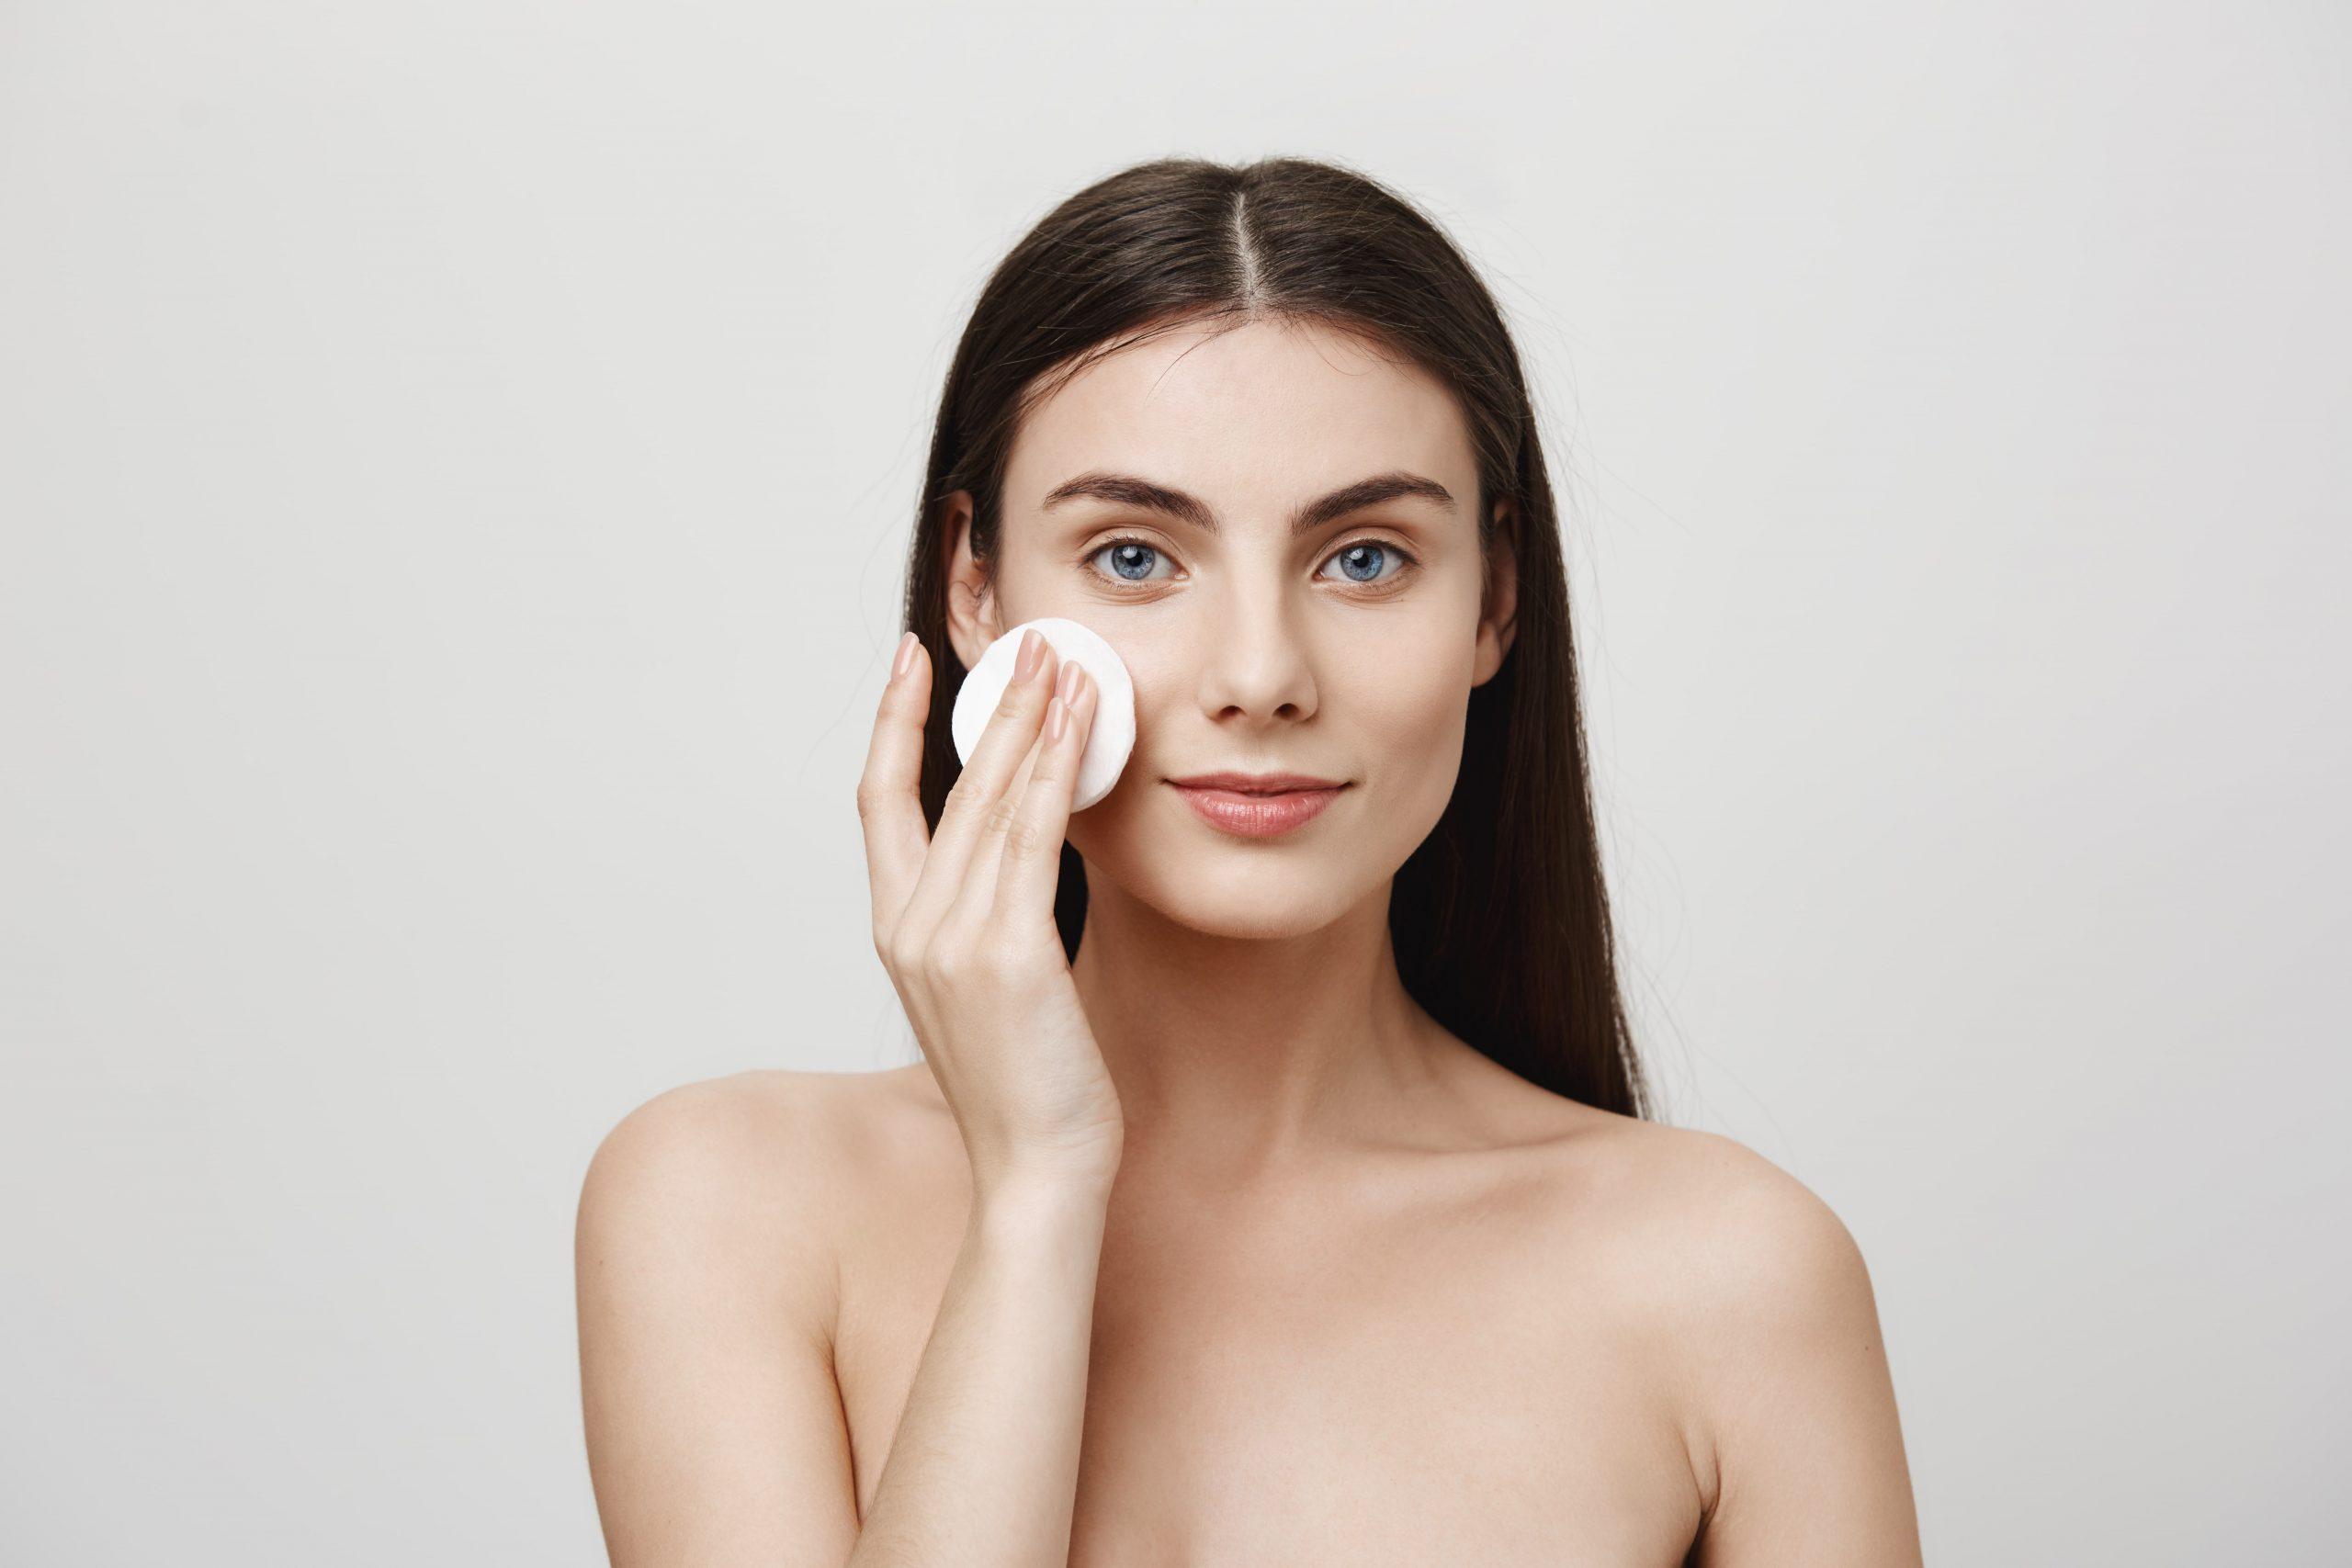 Signos de envejecimiento facial